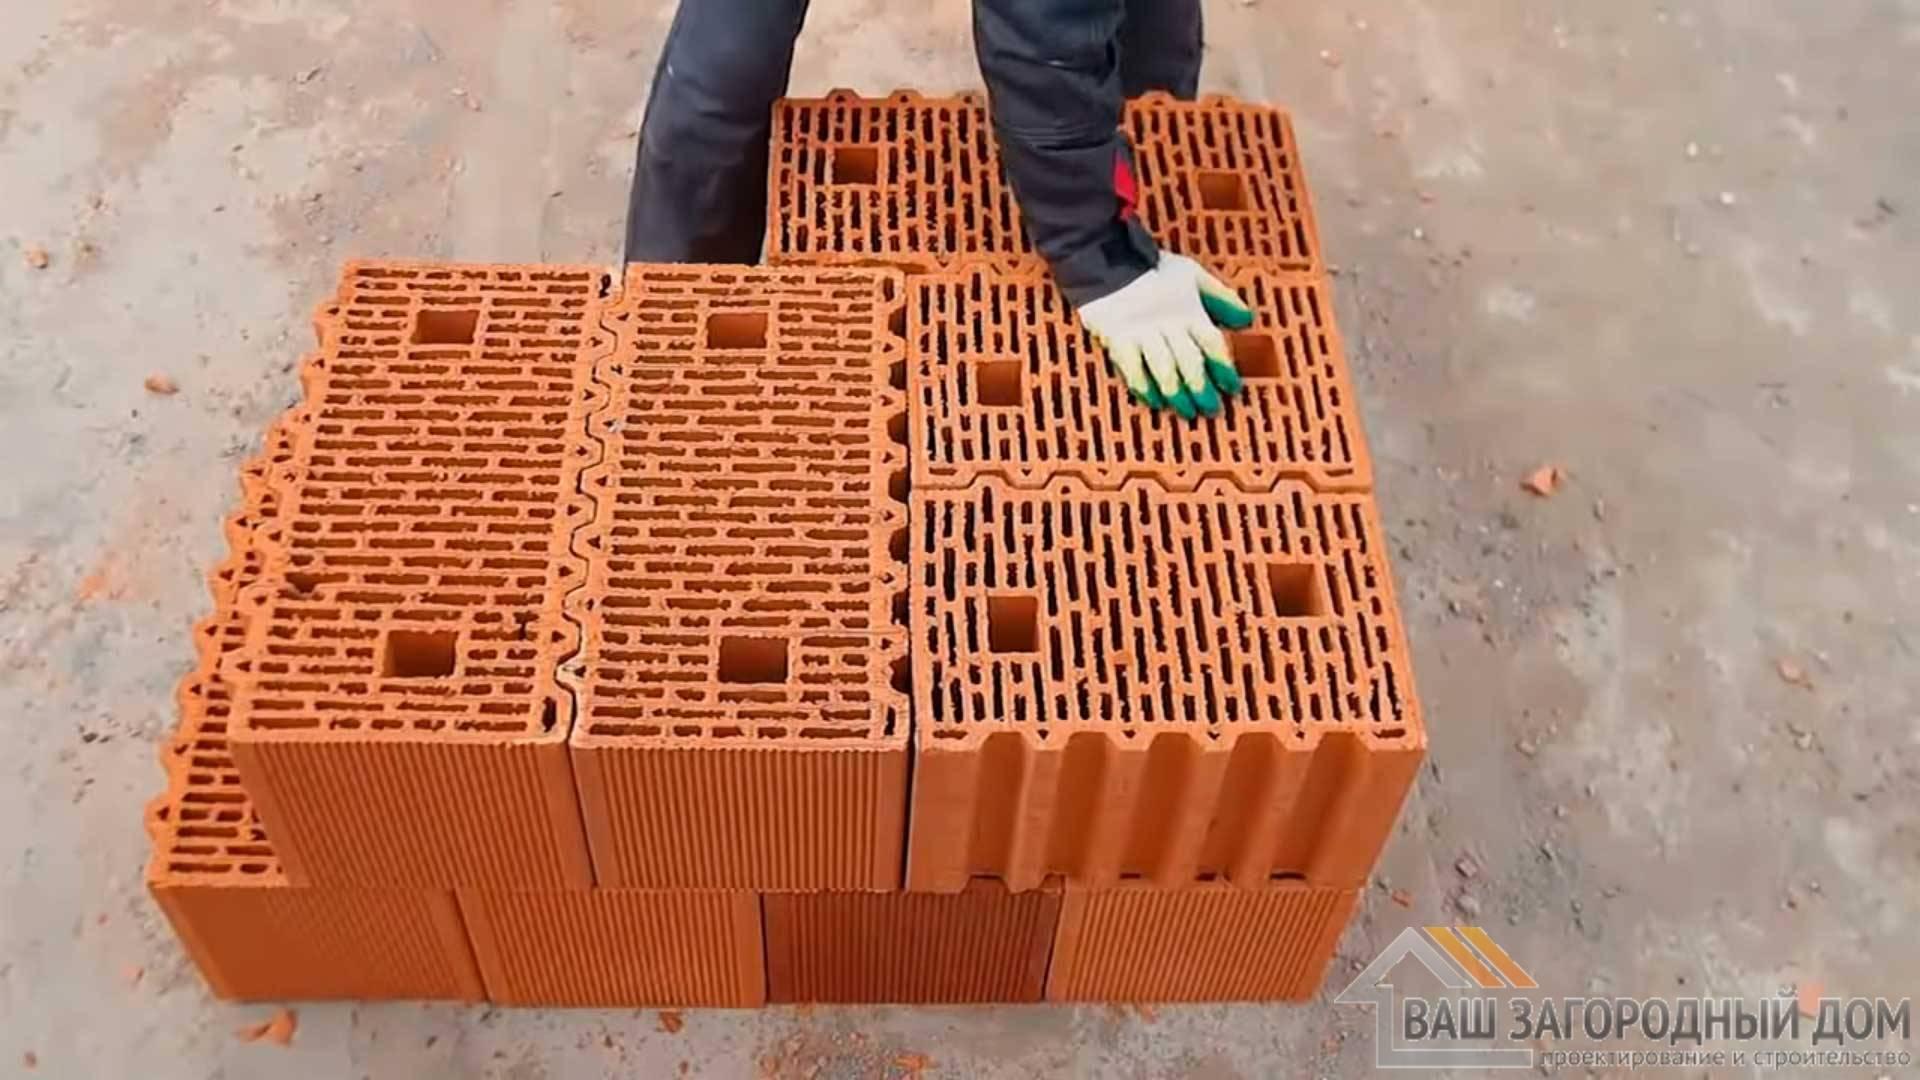 Как построить дом из кирпича – плюсы и минусы кирпичного дома